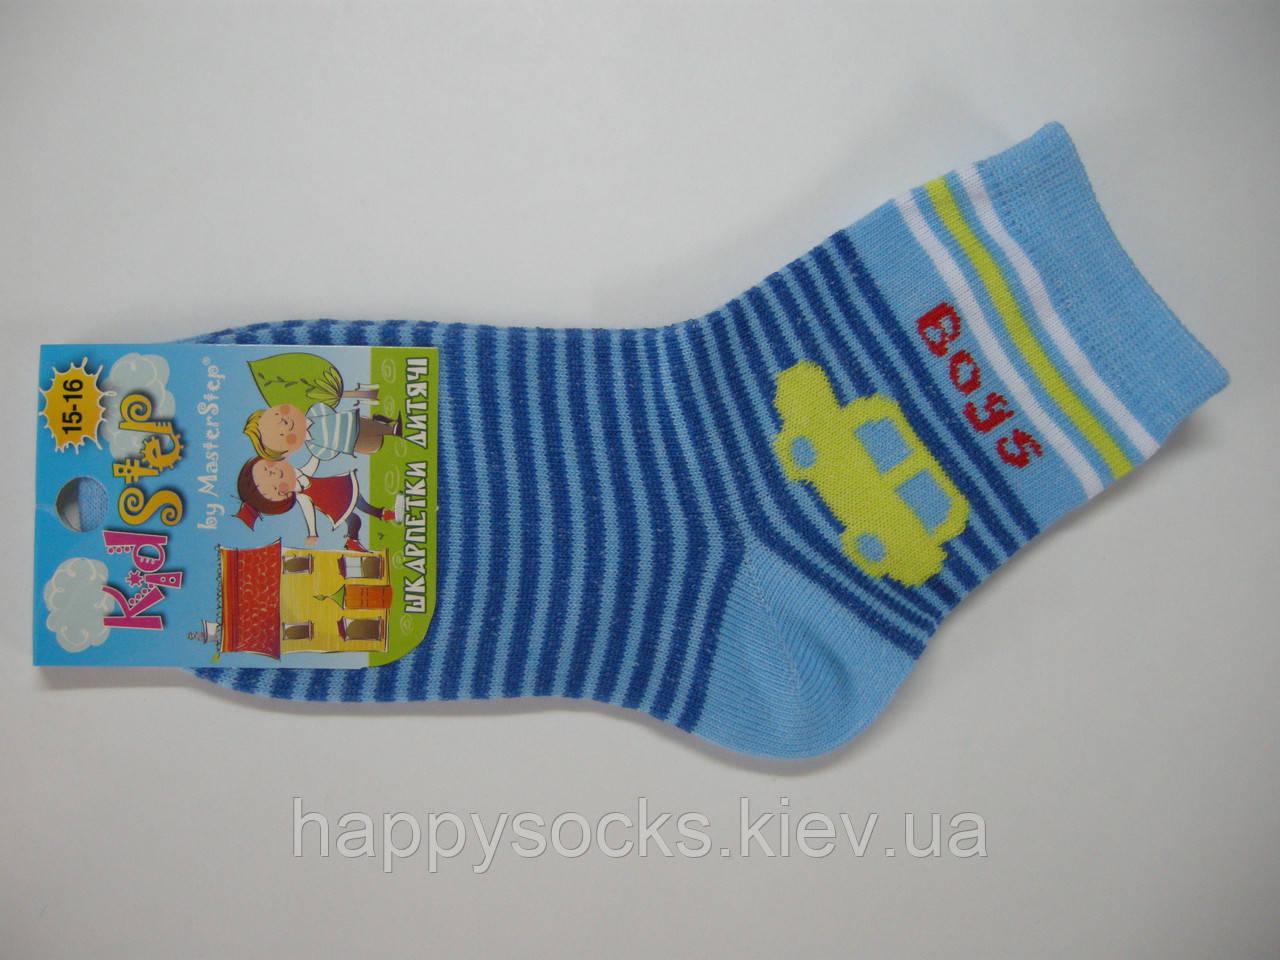 Носки для мальчика голубого цвета с машинкой